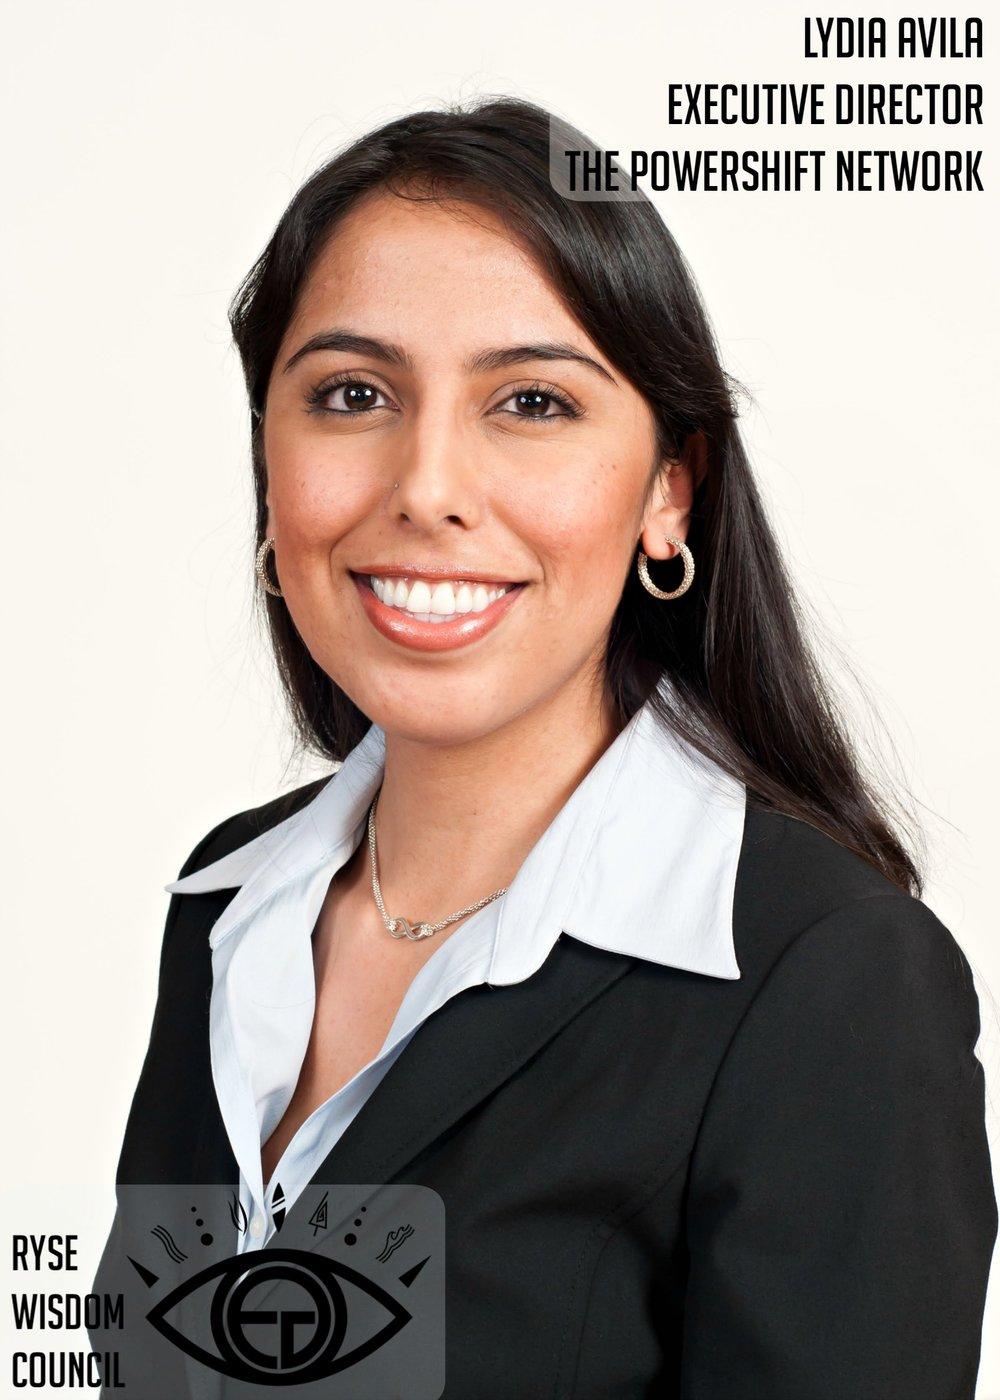 Lydia Avila